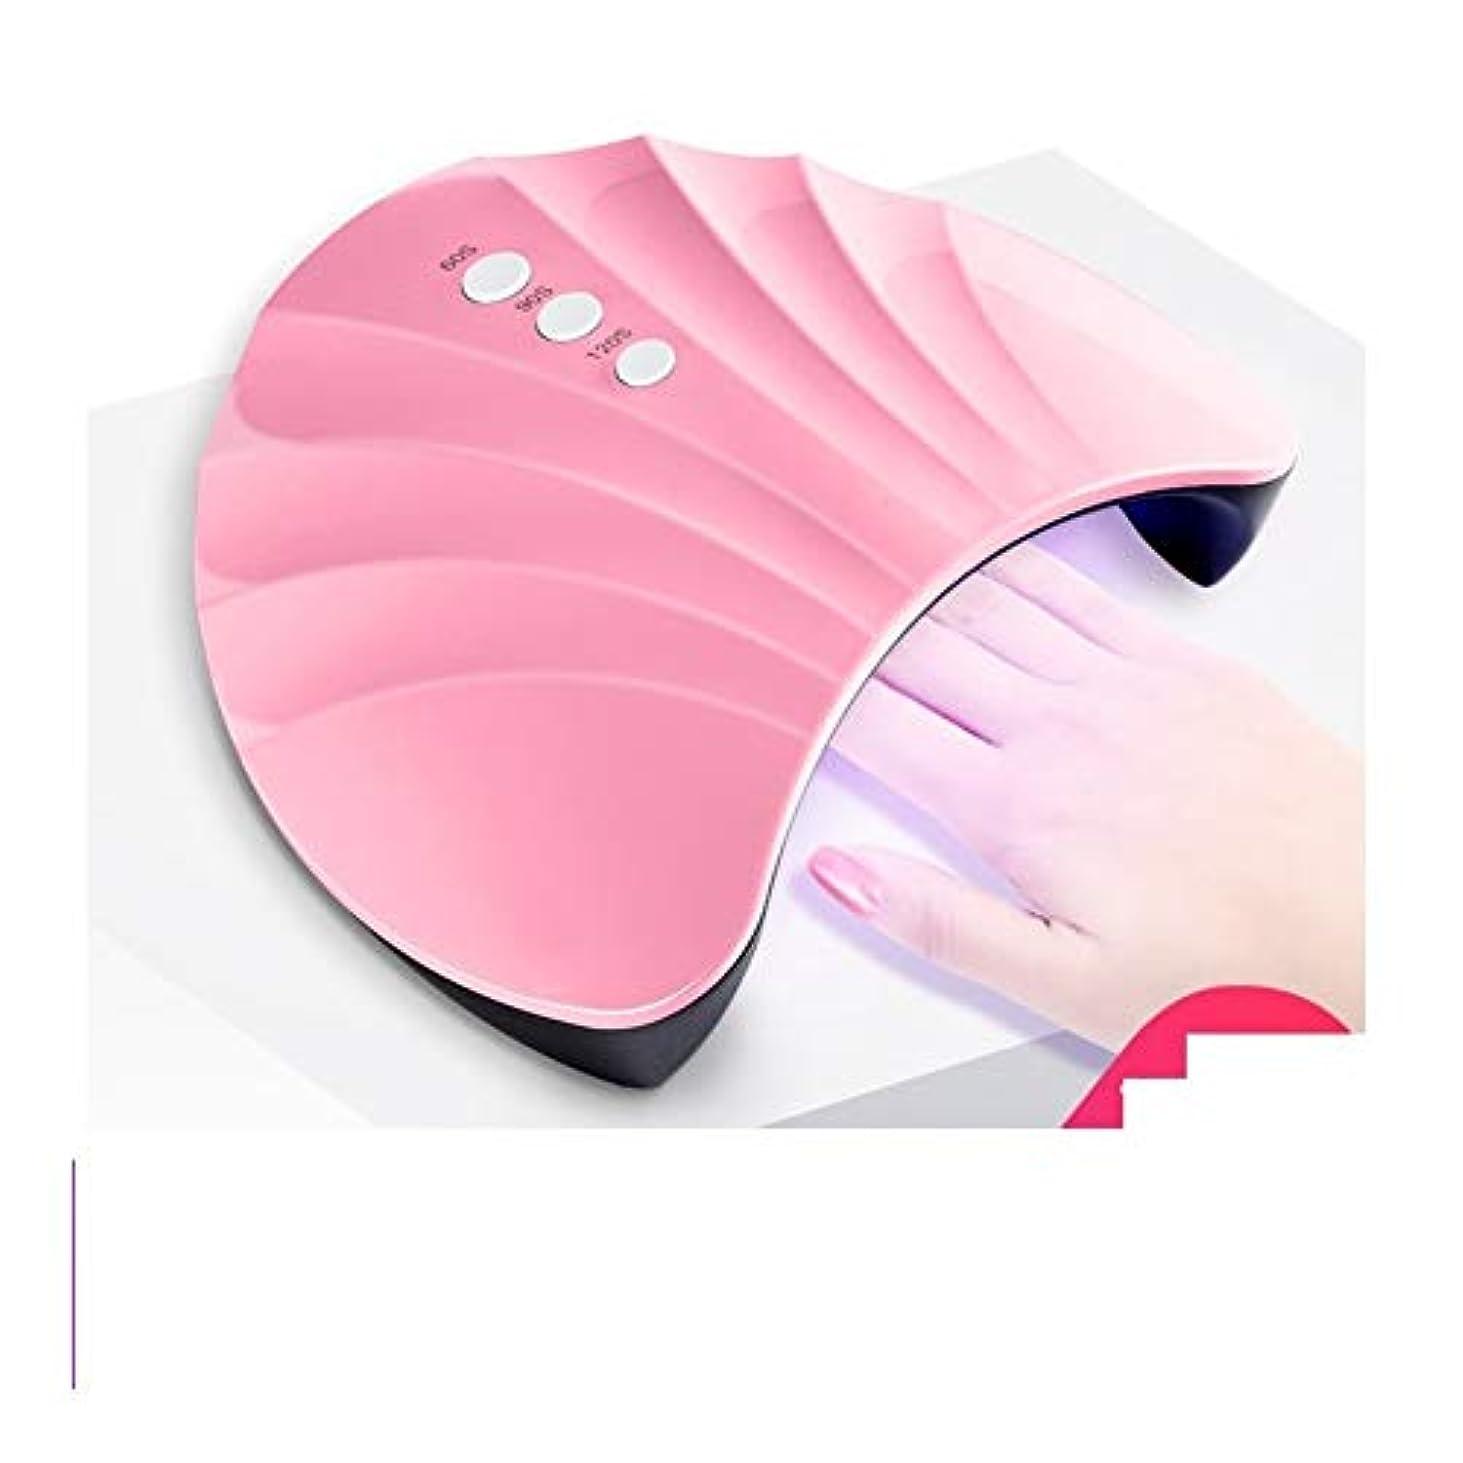 うまれた許容補正LittleCat ネイルネイル照明スマート治療機36Wネイルドライヤーシェルソースランプビス (色 : 36w non-inductive pink)